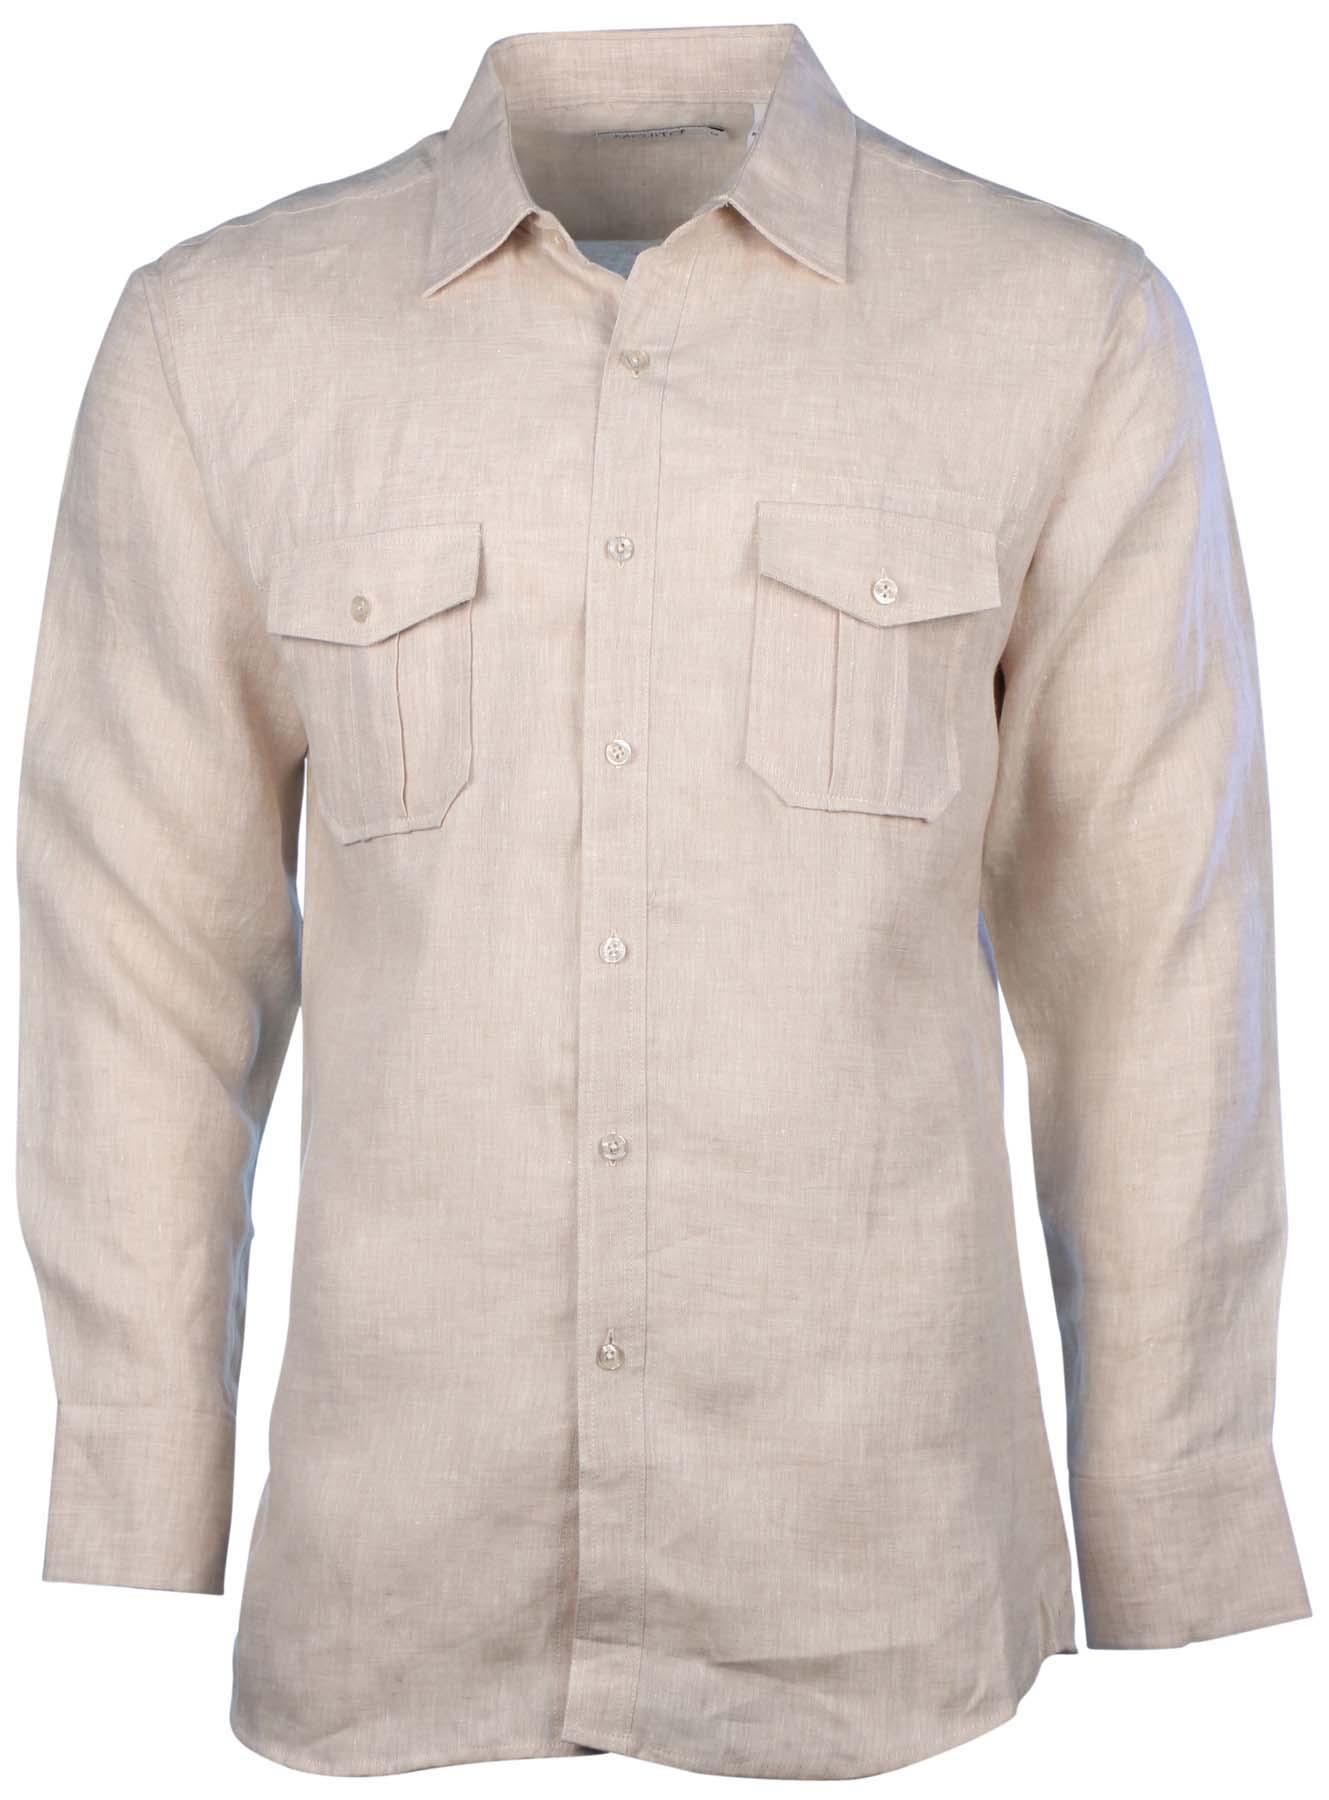 Mojito Collection Men 39 S Linen 2 Pocket Long Sleeve Button